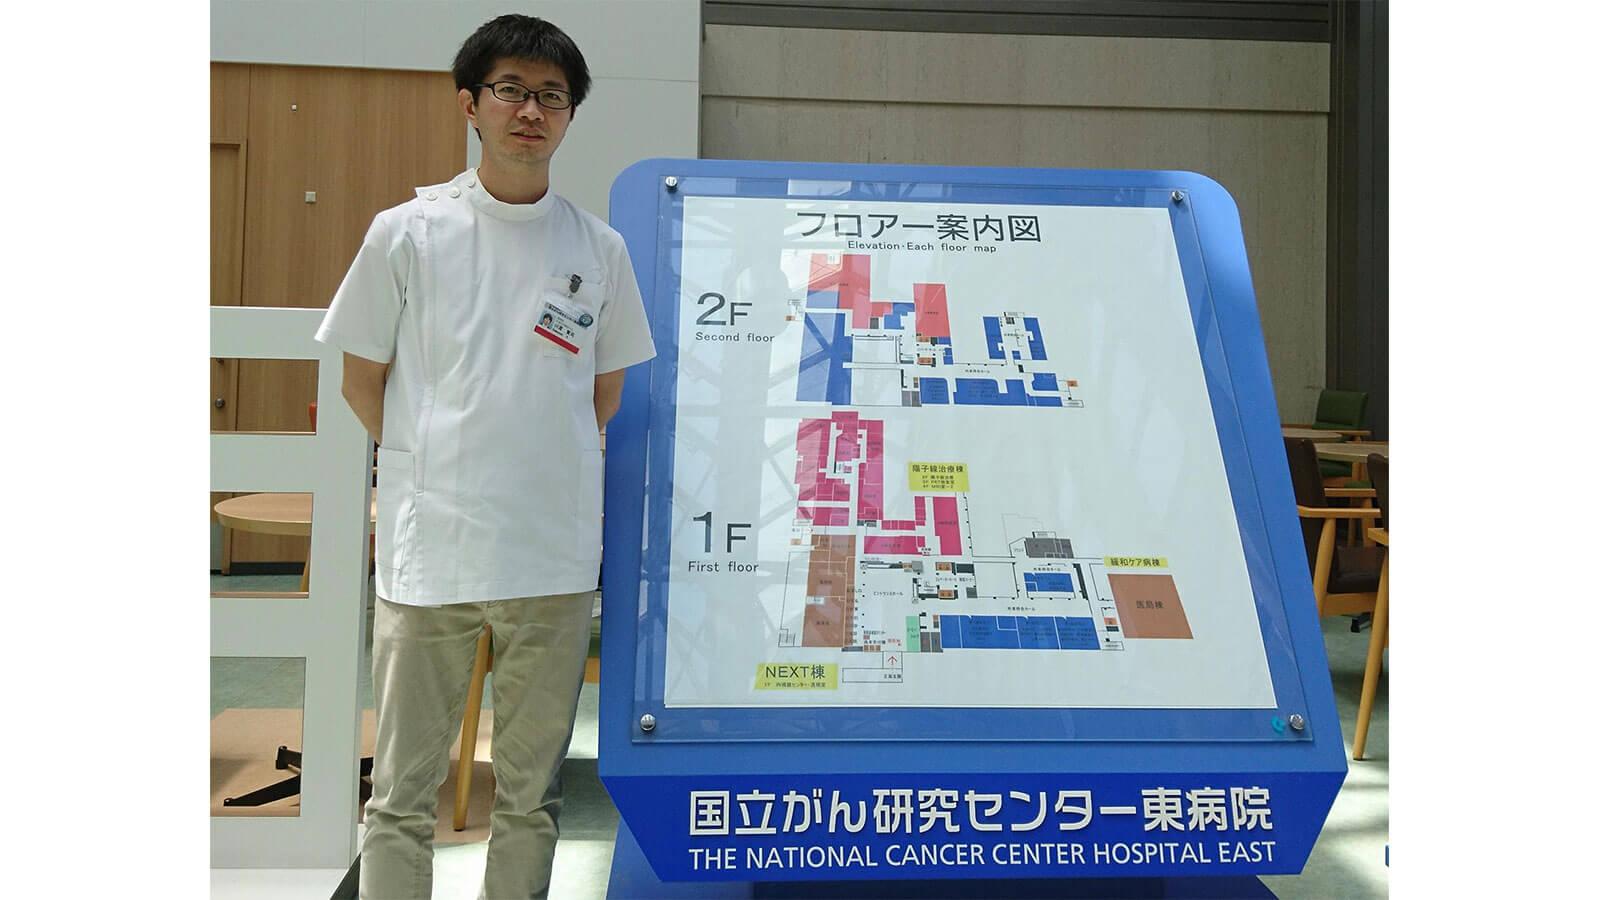 国立がん研究センター東病院 薬剤部 川澄賢司先生